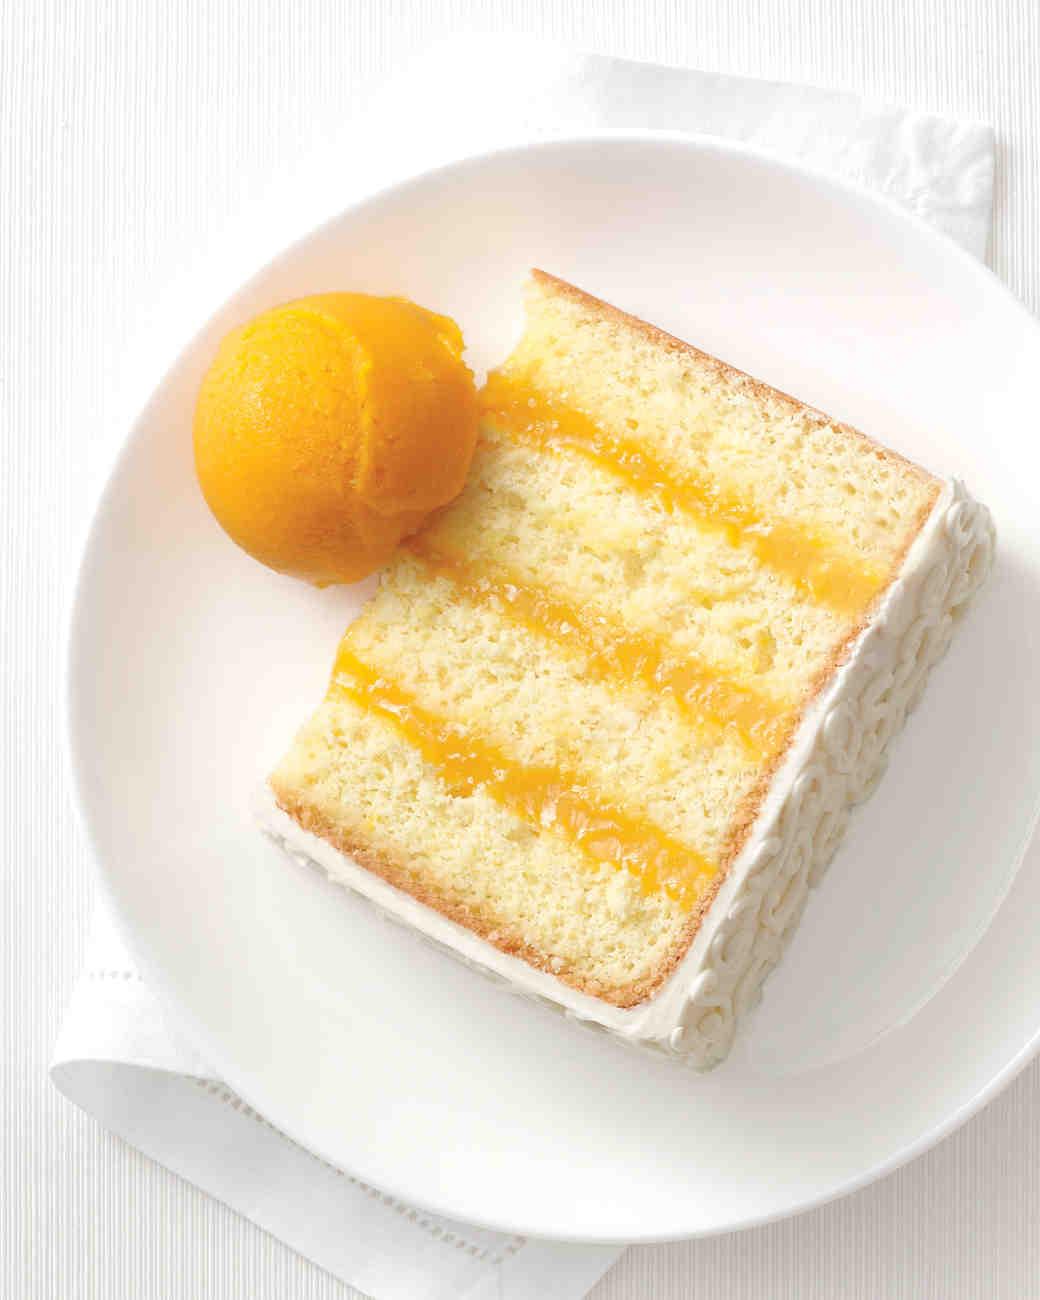 Orange And Passionfruit Cake Recipe